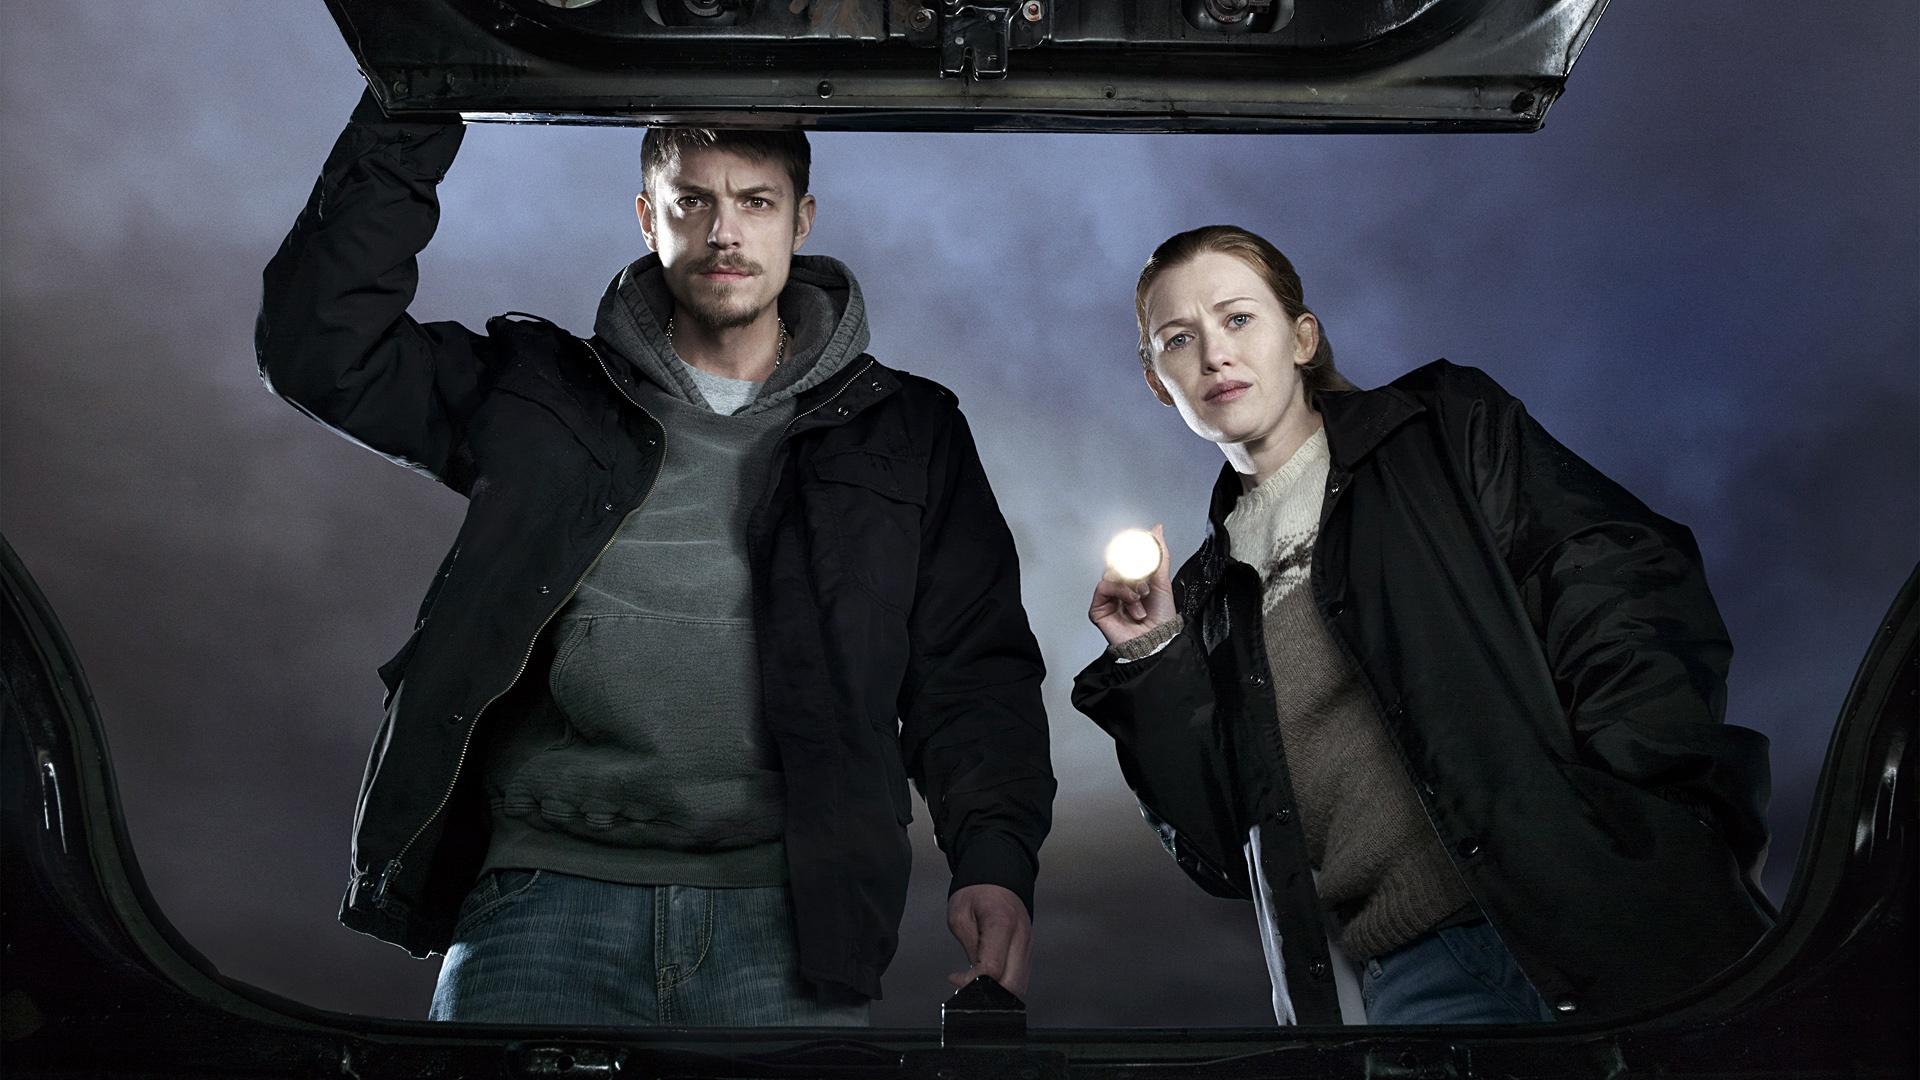 The Killing (2011)